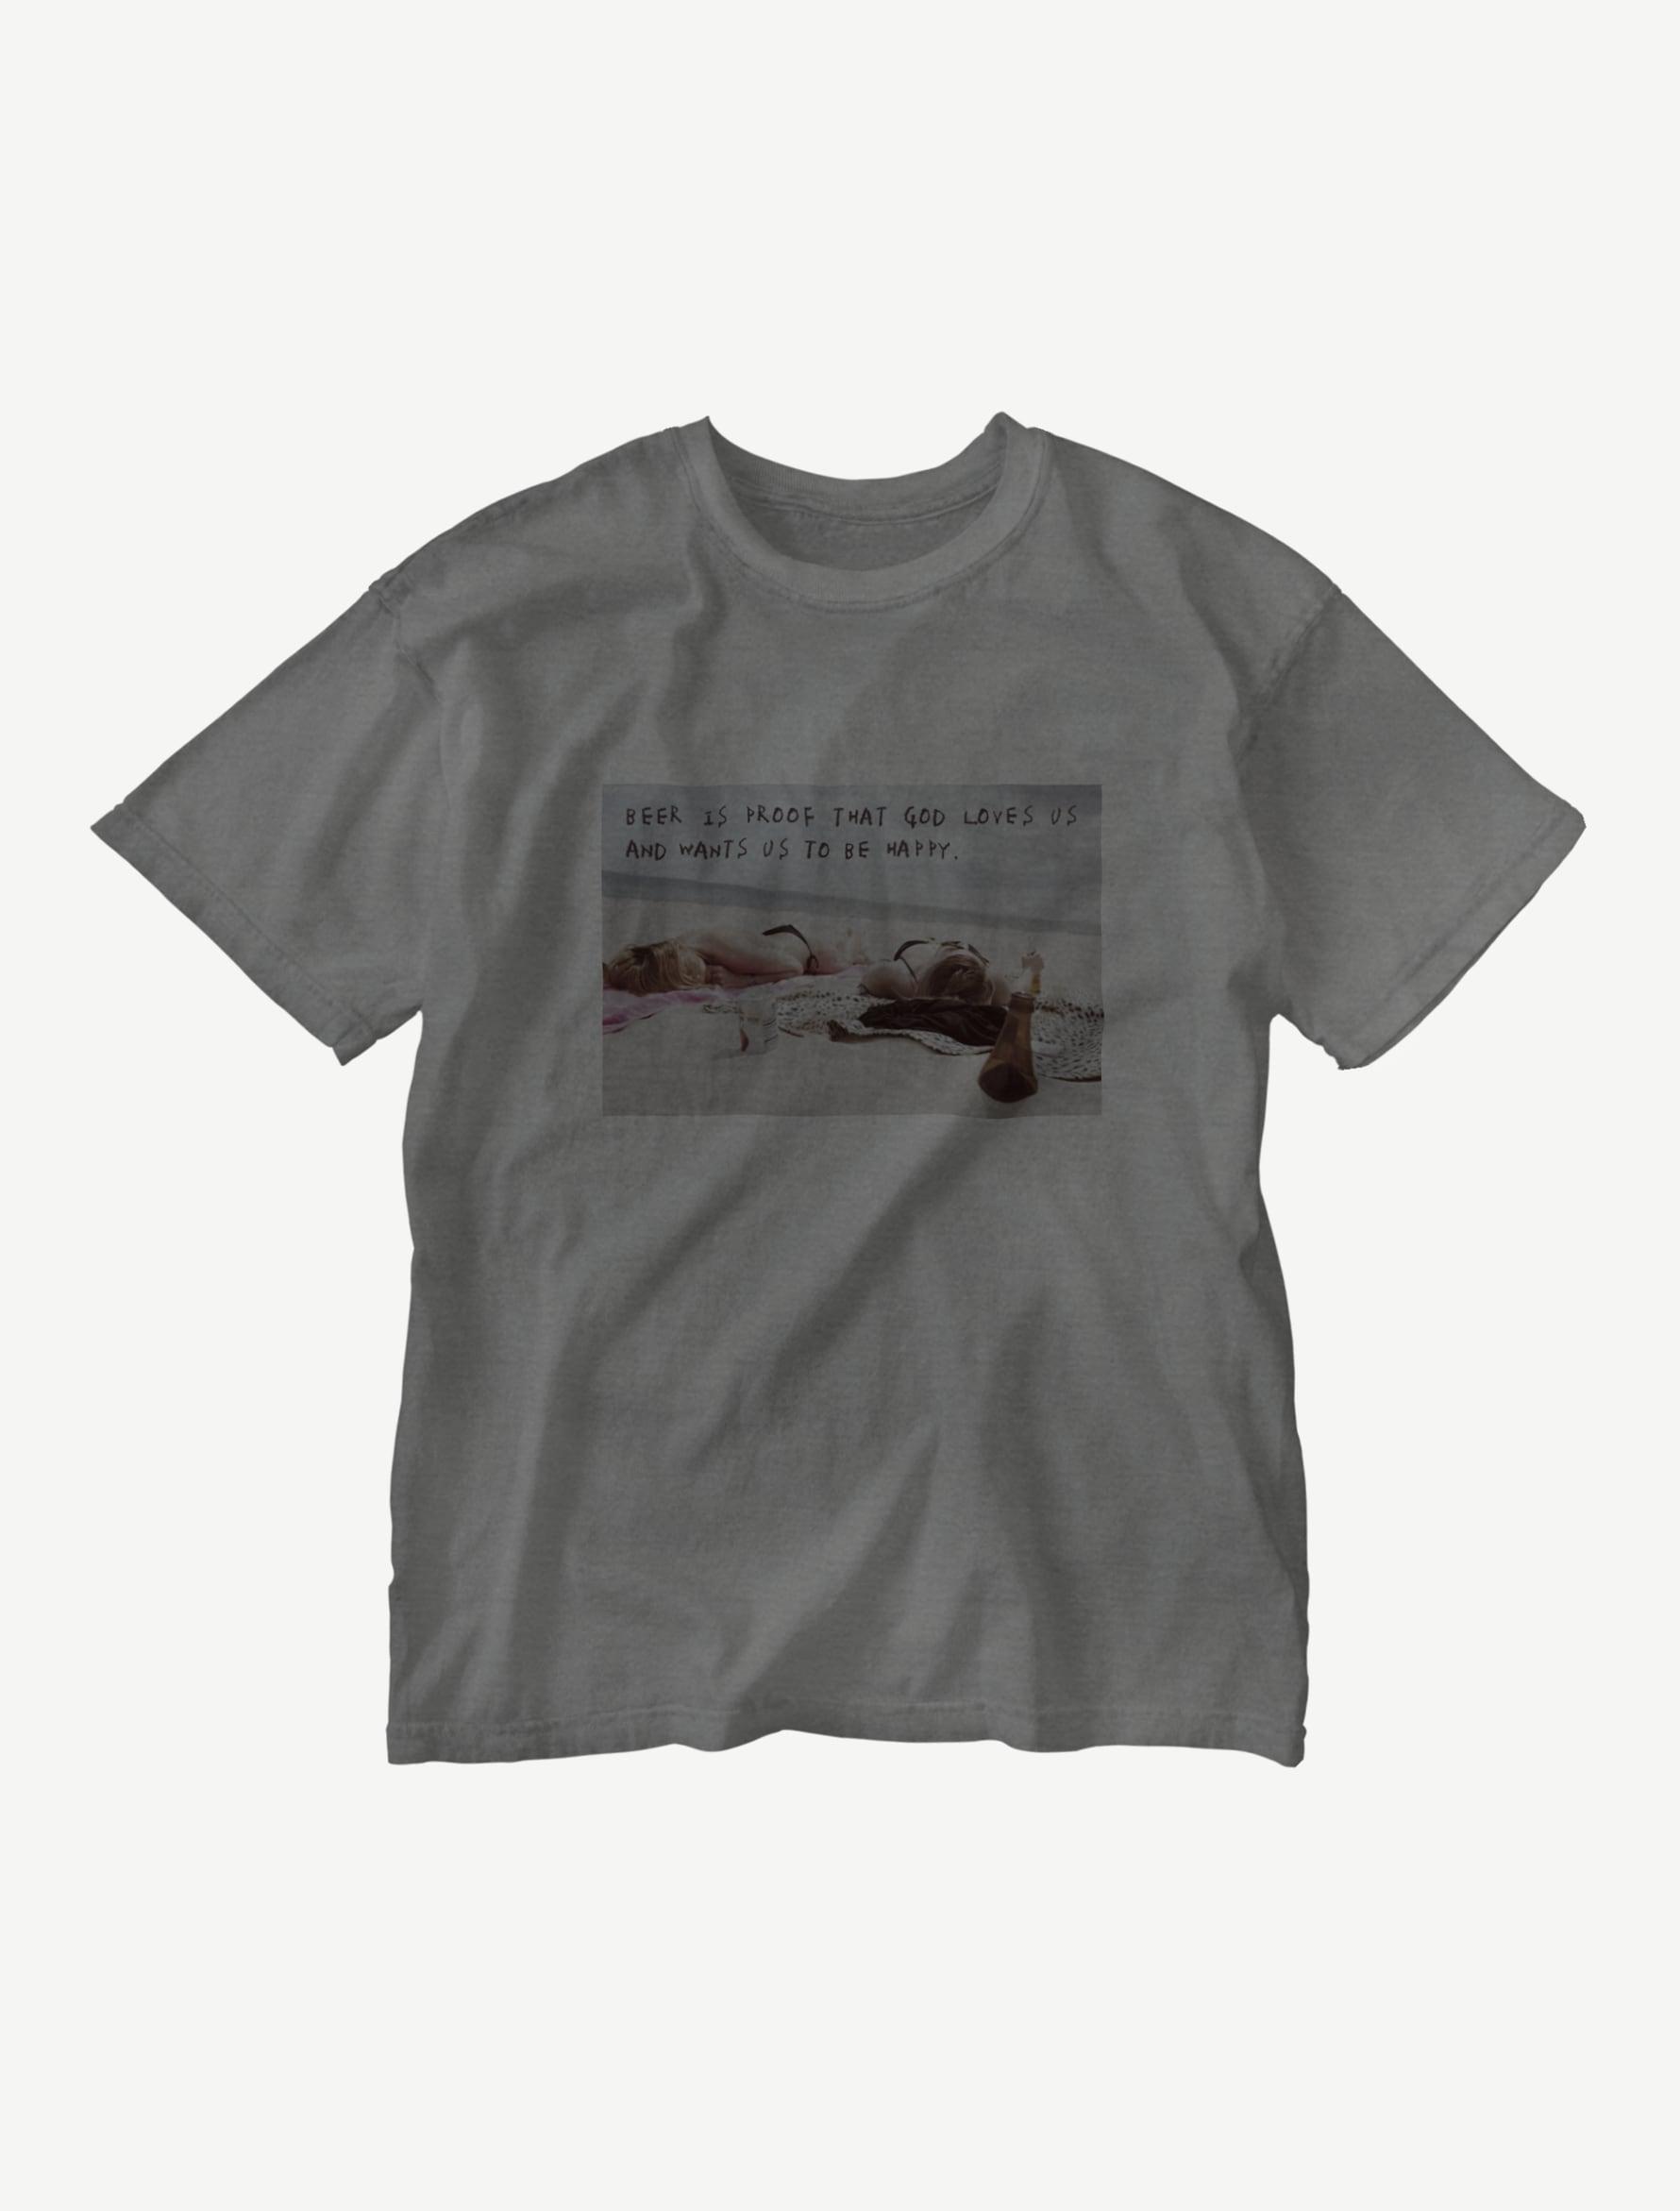 【悩み無用の開放ビーチ】ウォッシュTシャツ(コショウブラック)